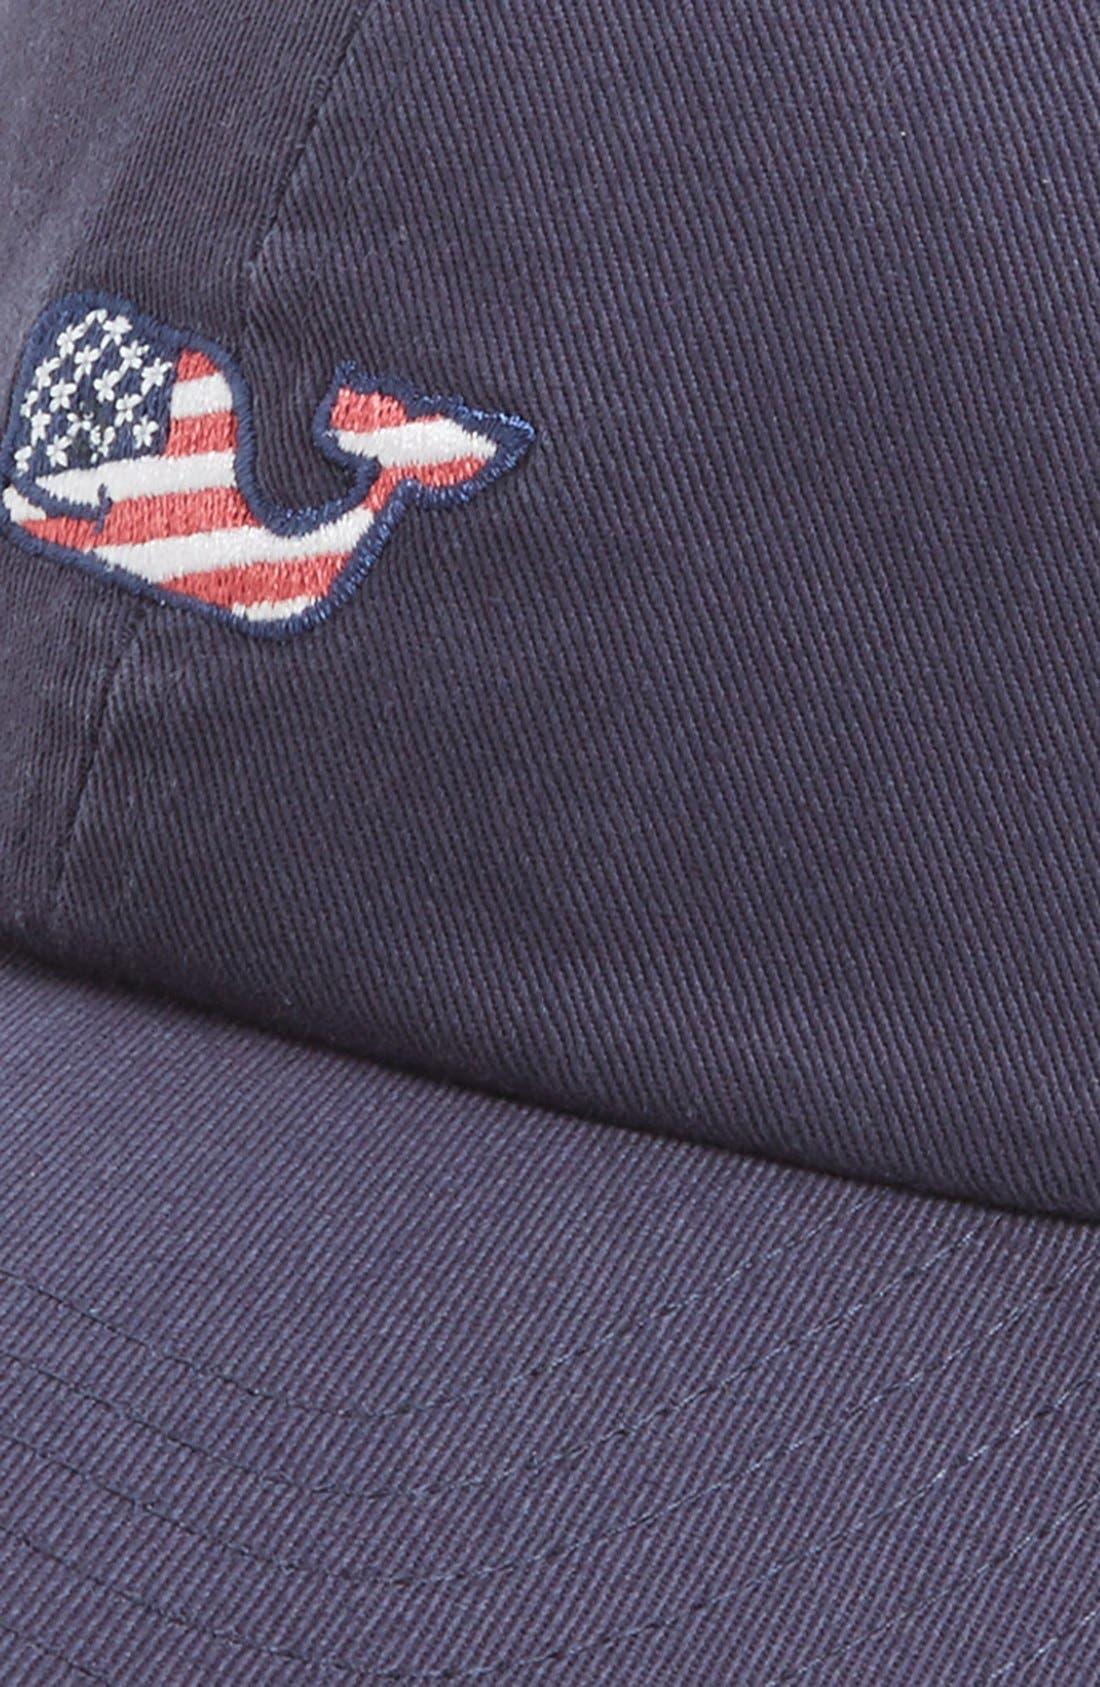 Alternate Image 2  - Vineyard Vines 'Whale Flag' Baseball Cap